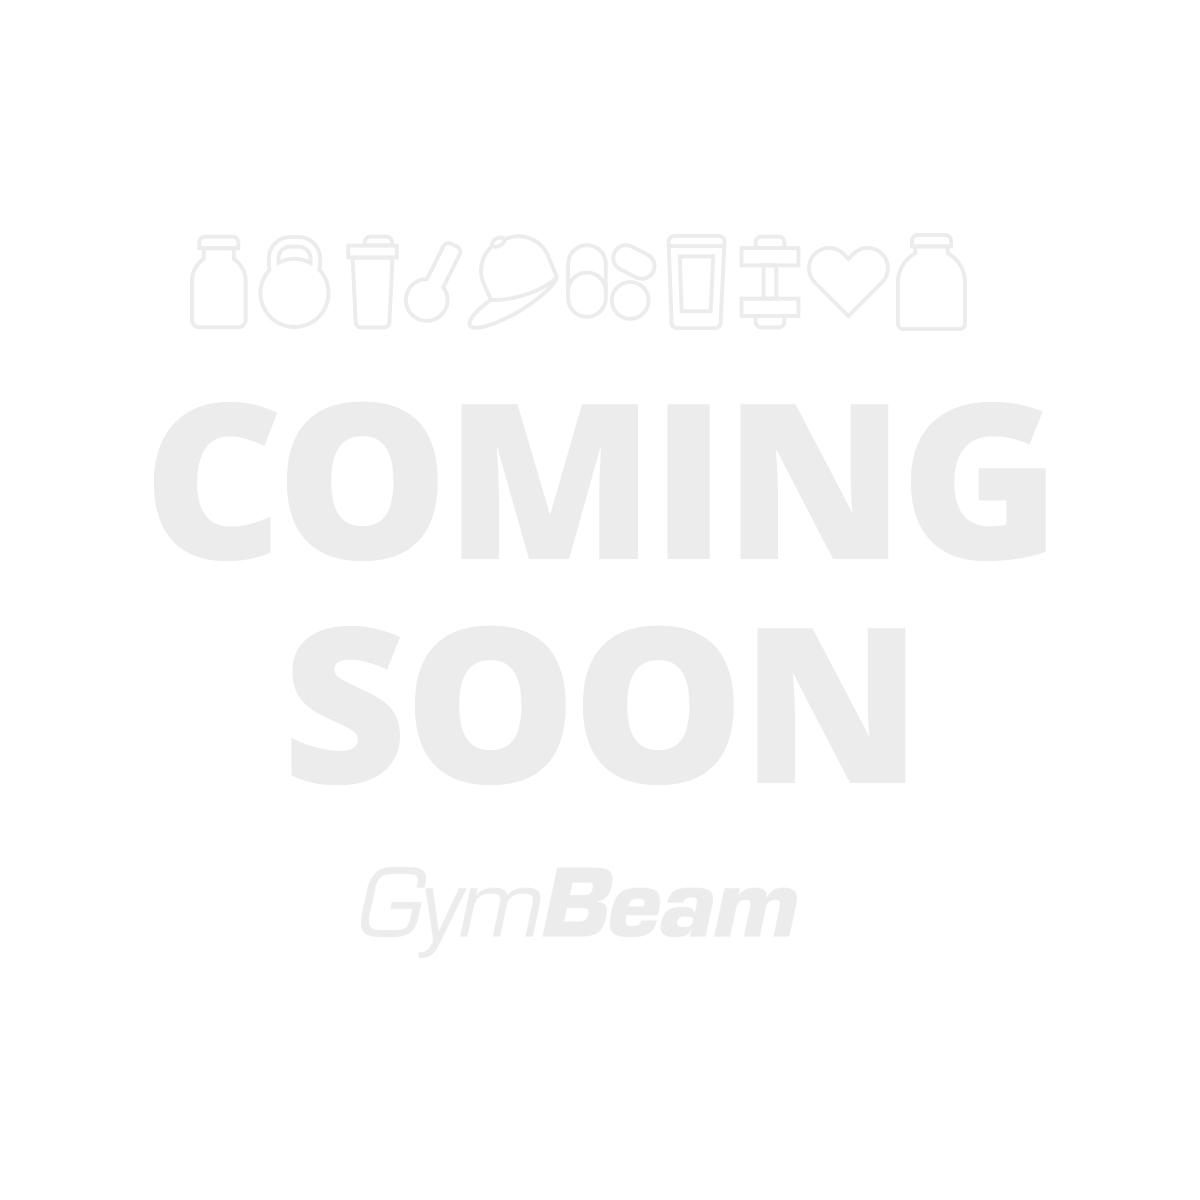 Fitness Gürtel Ronnie - GymBeam